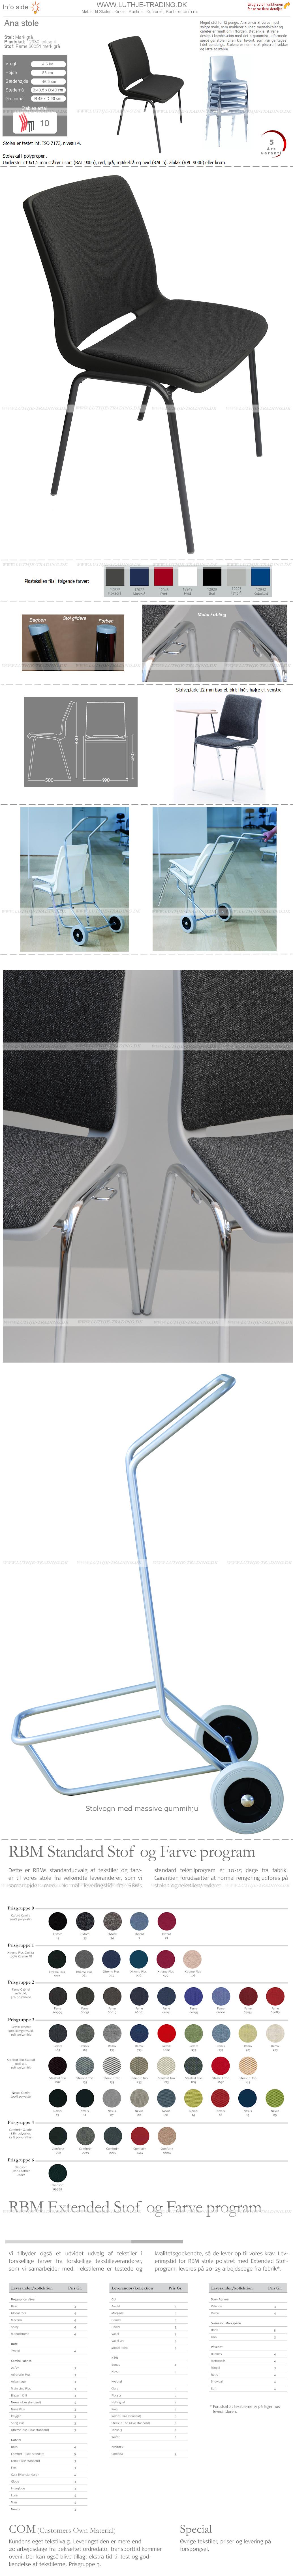 Ana stol grå stel-12930-60051